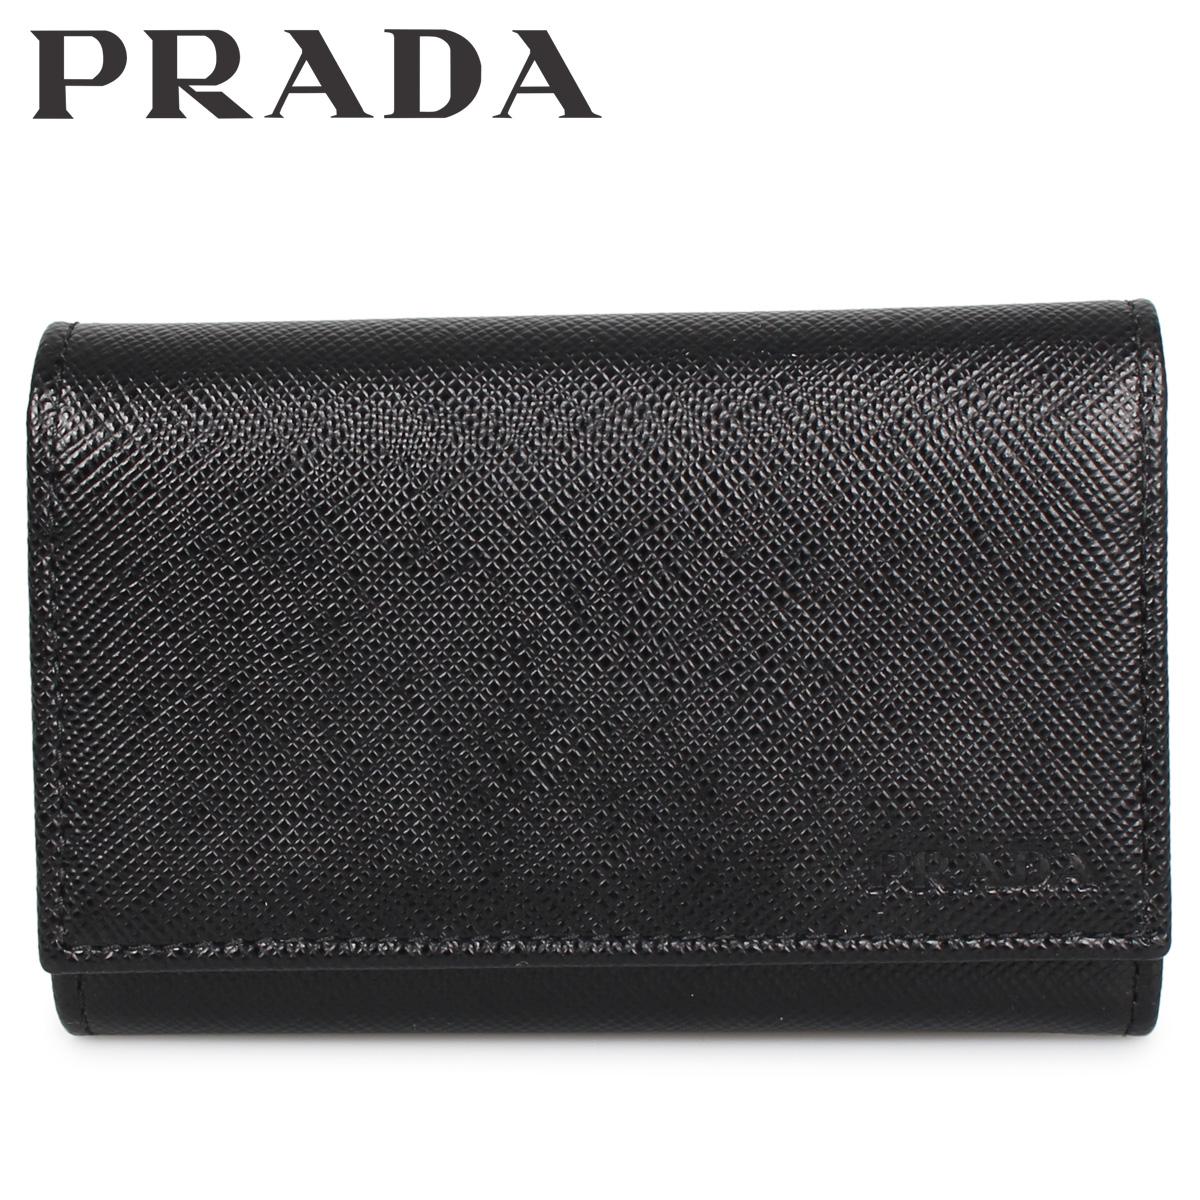 PRADA プラダ キーケース キーホルダー サフィアーノ メンズ 6連 SAFFIANO ブラック 黒 2PG002-053 [3/9 新入荷]